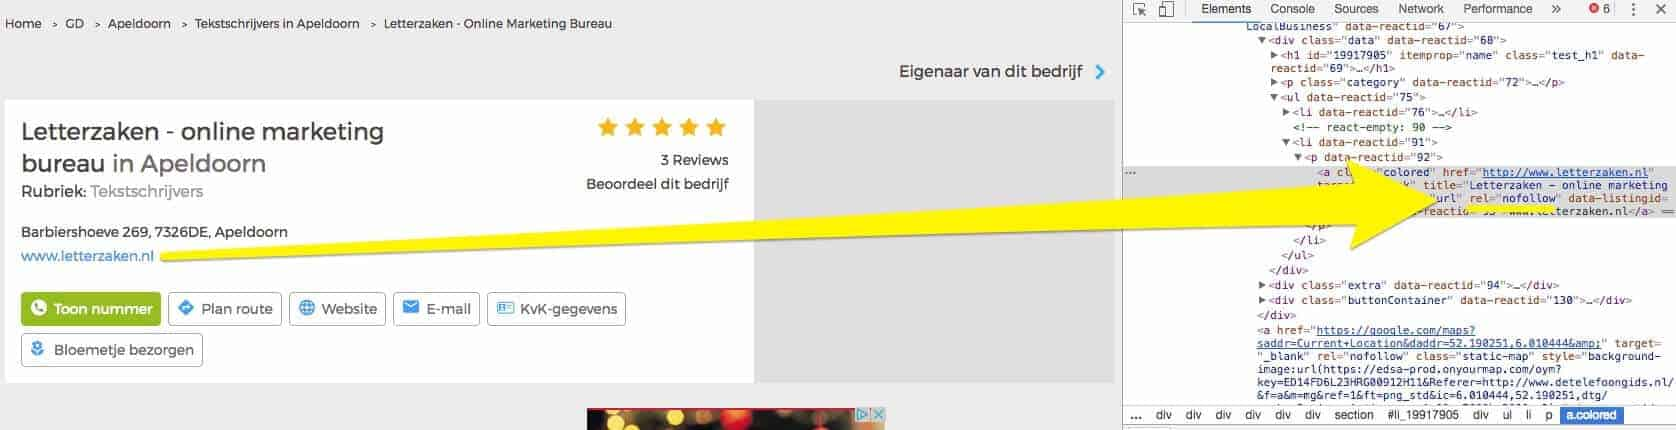 DTG voegt rel=nofollow toe aan link gratis vermelding detelefoongids.nl